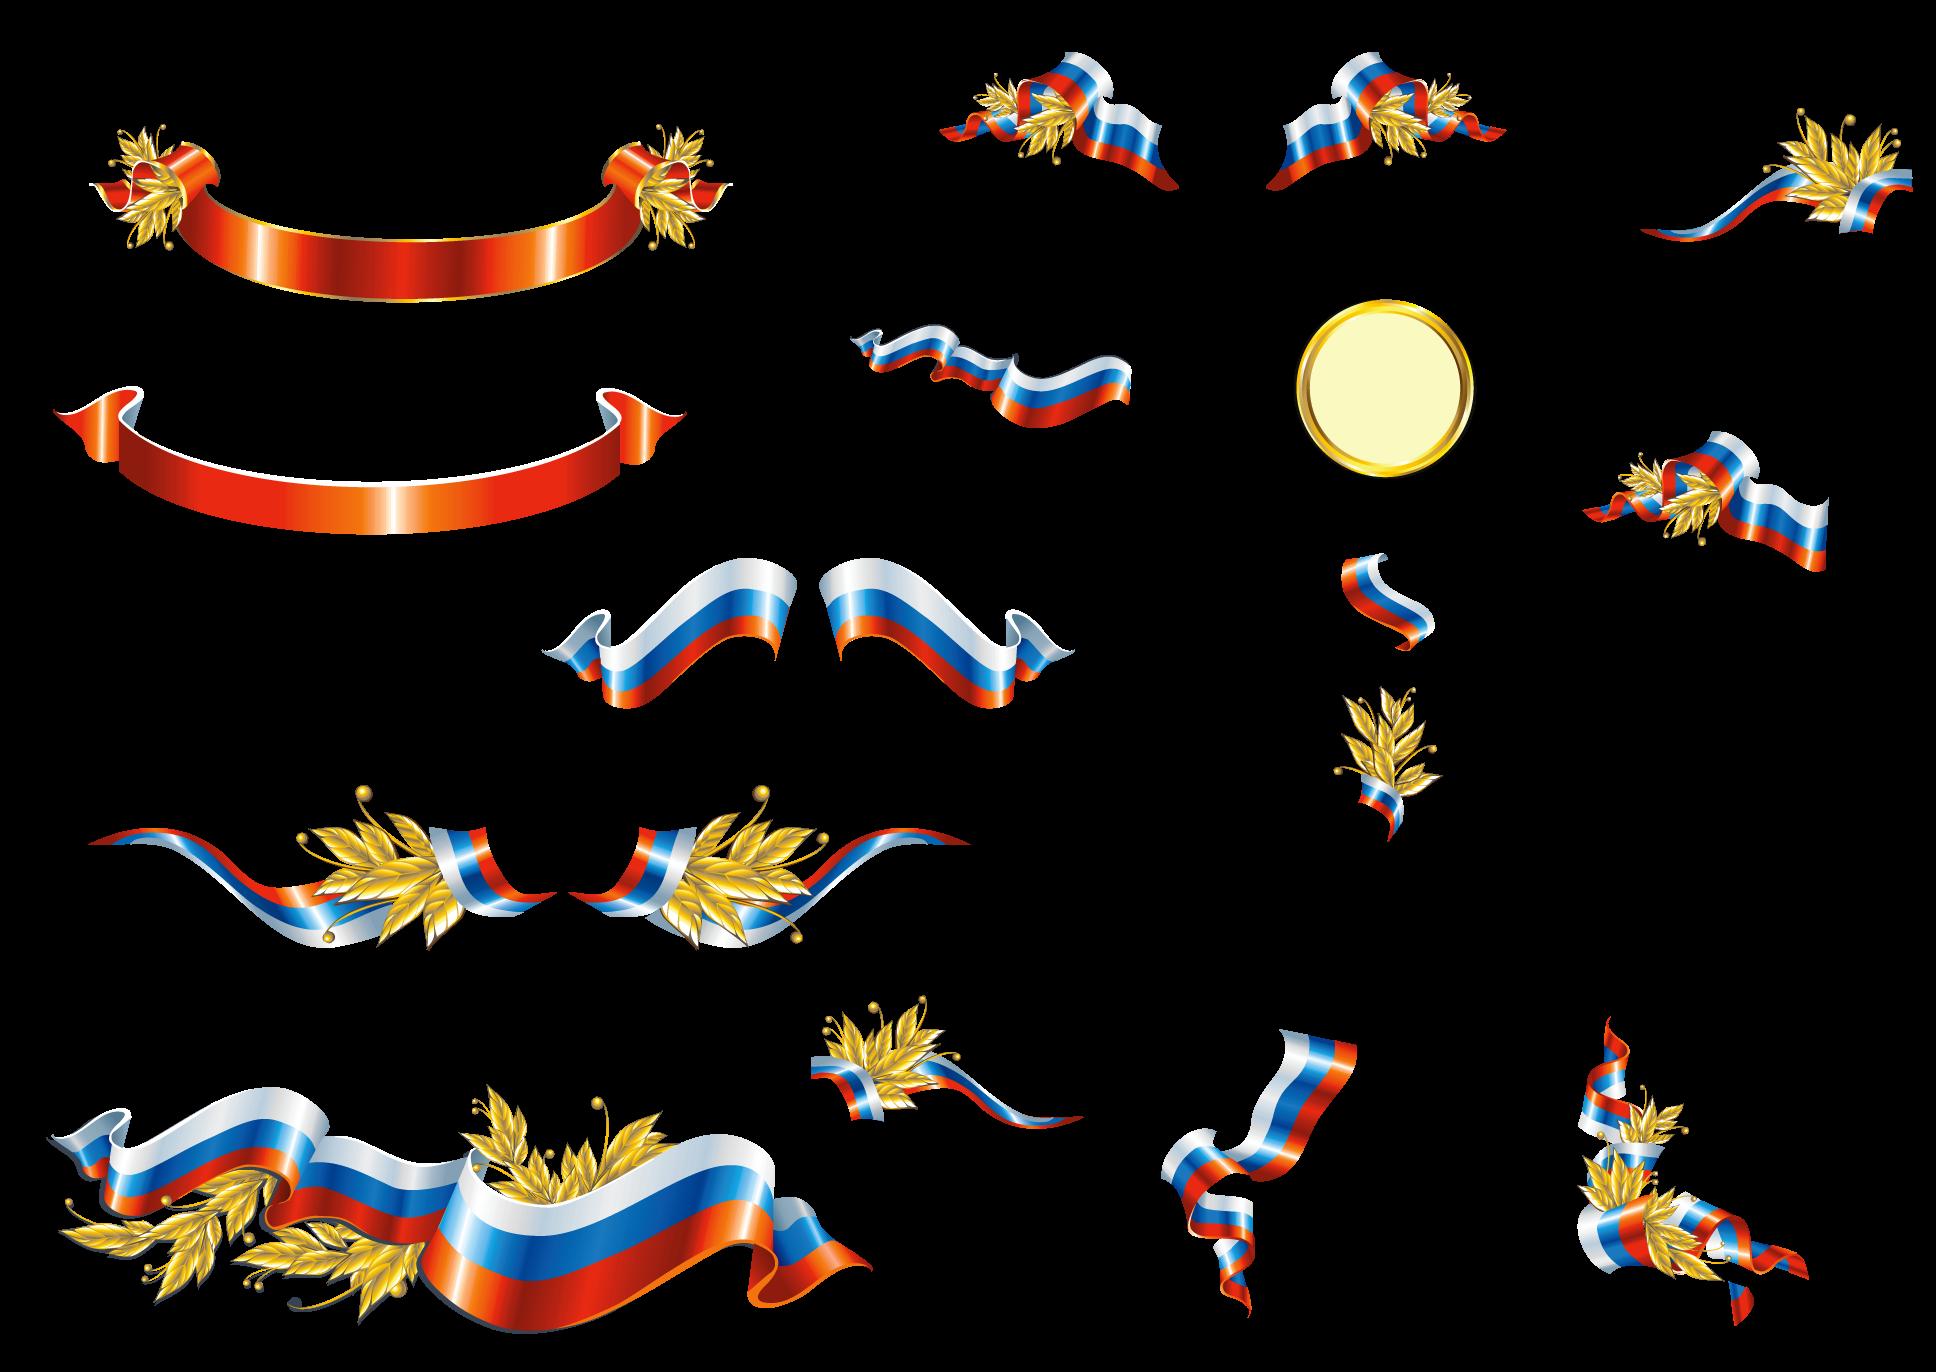 ленточка флаг россии на прозрачном фоне товарищей